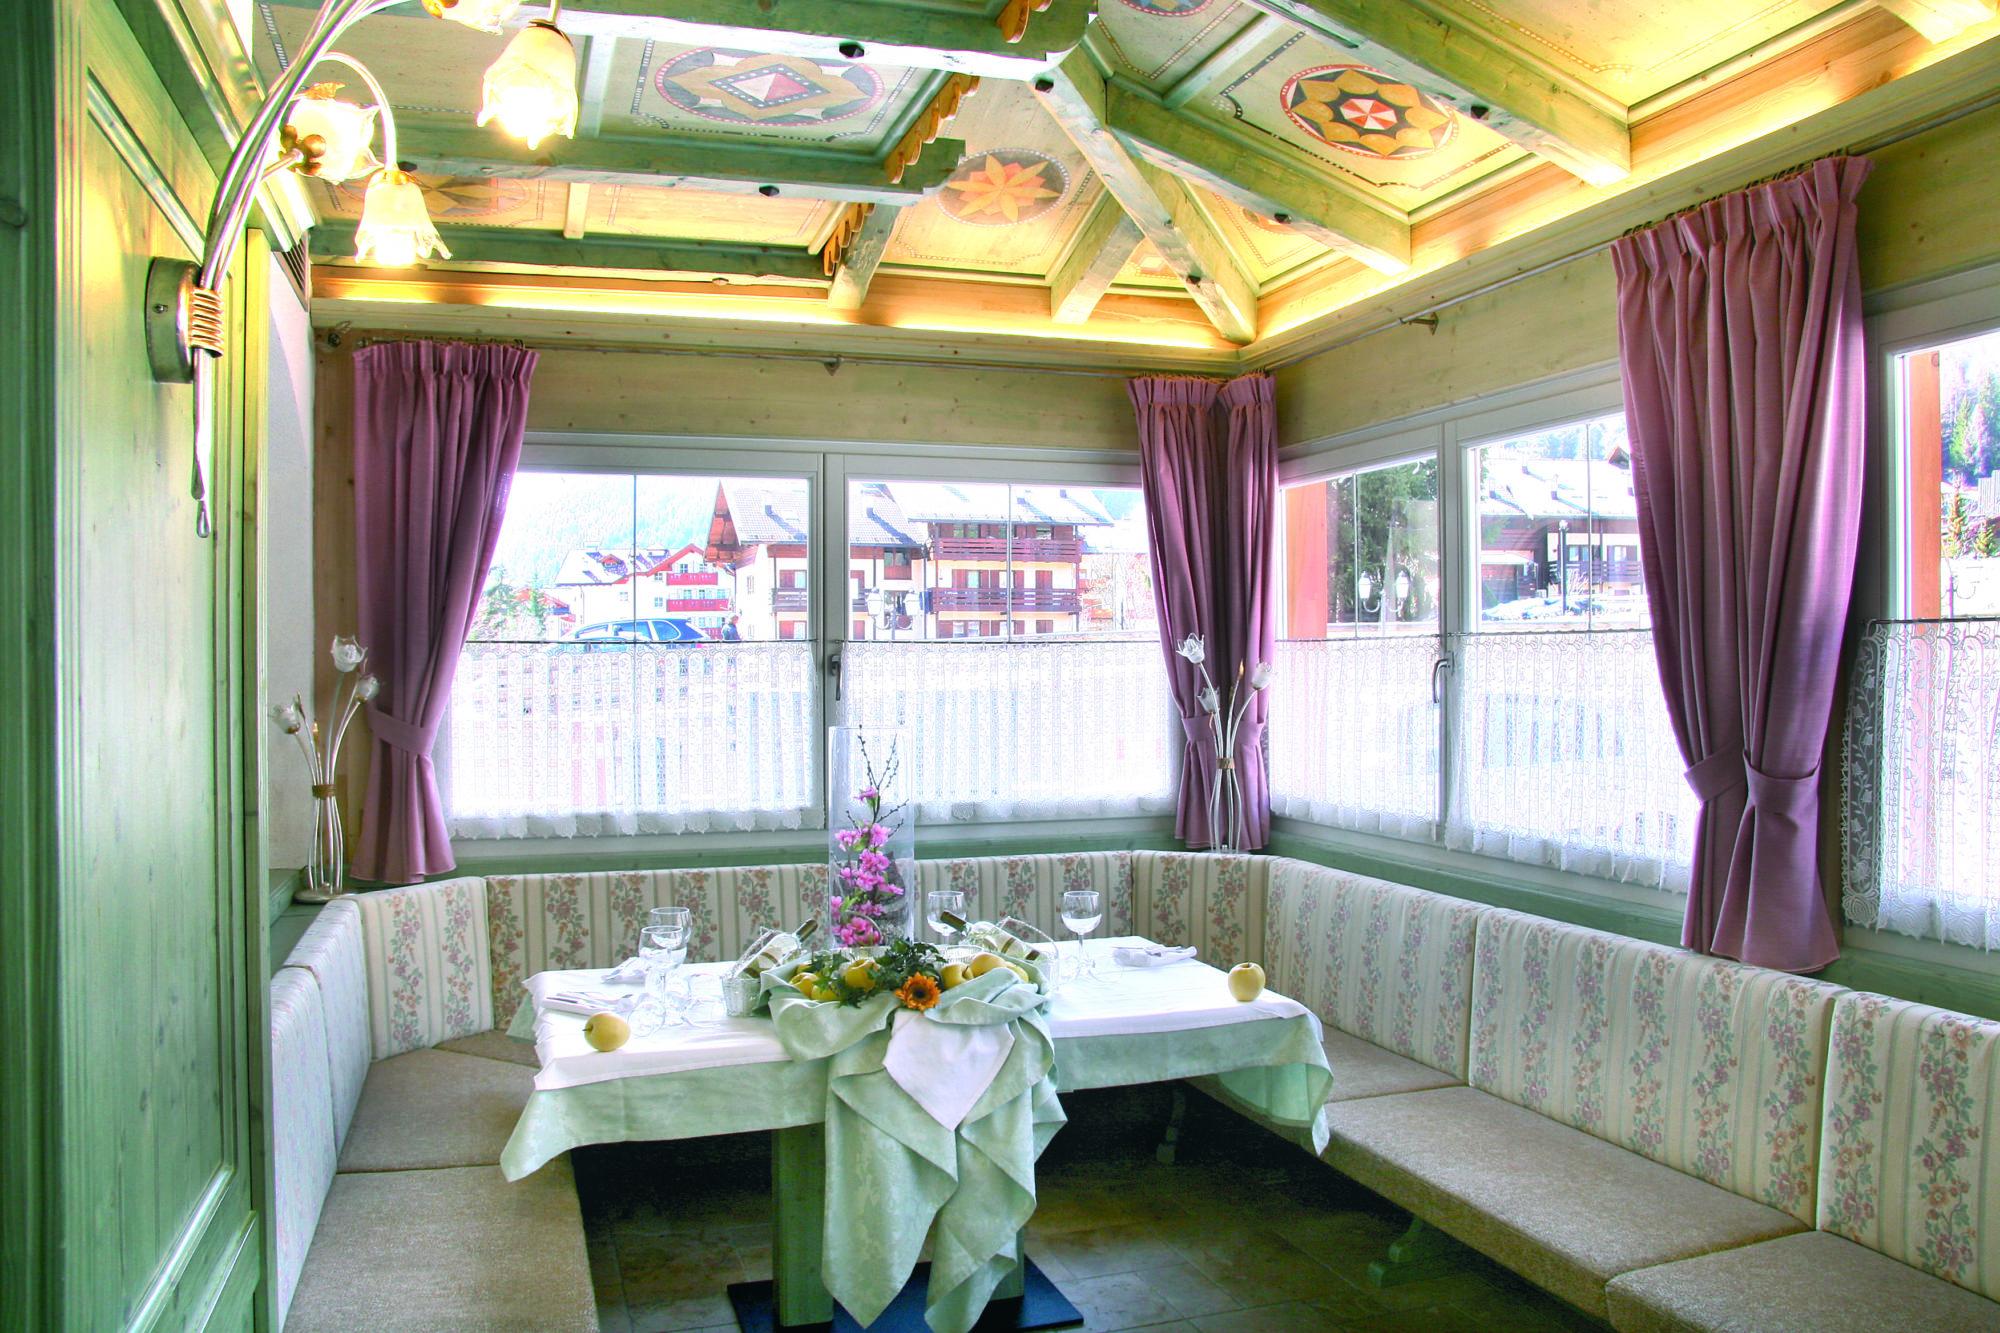 5 Hotel Soreghes - ristorante